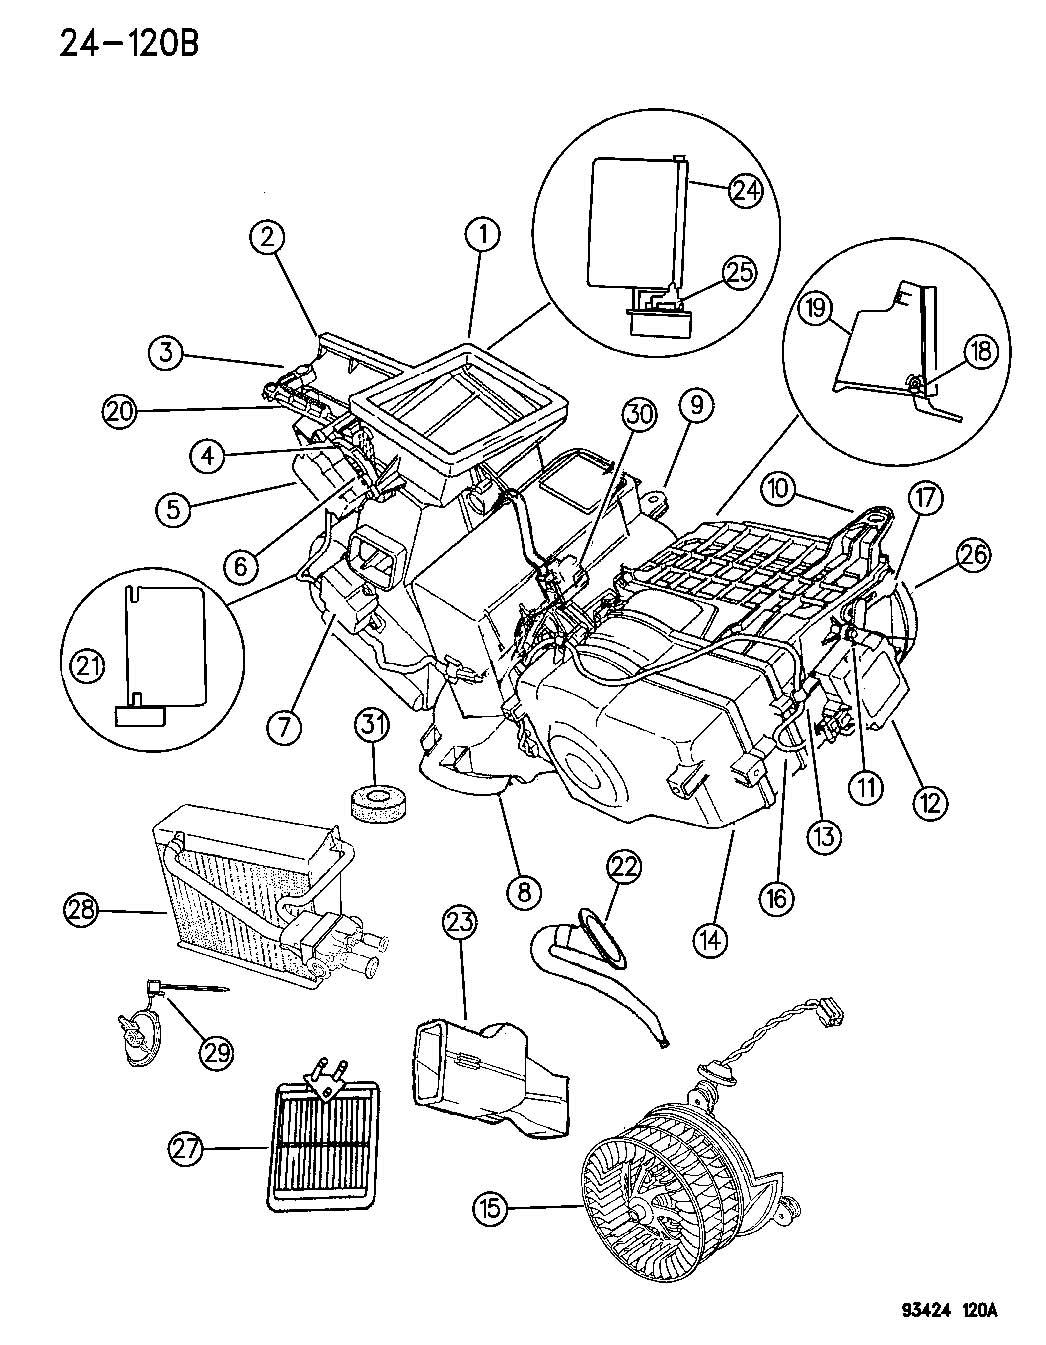 Dodge Intrepid Evaporator Air Conditioning